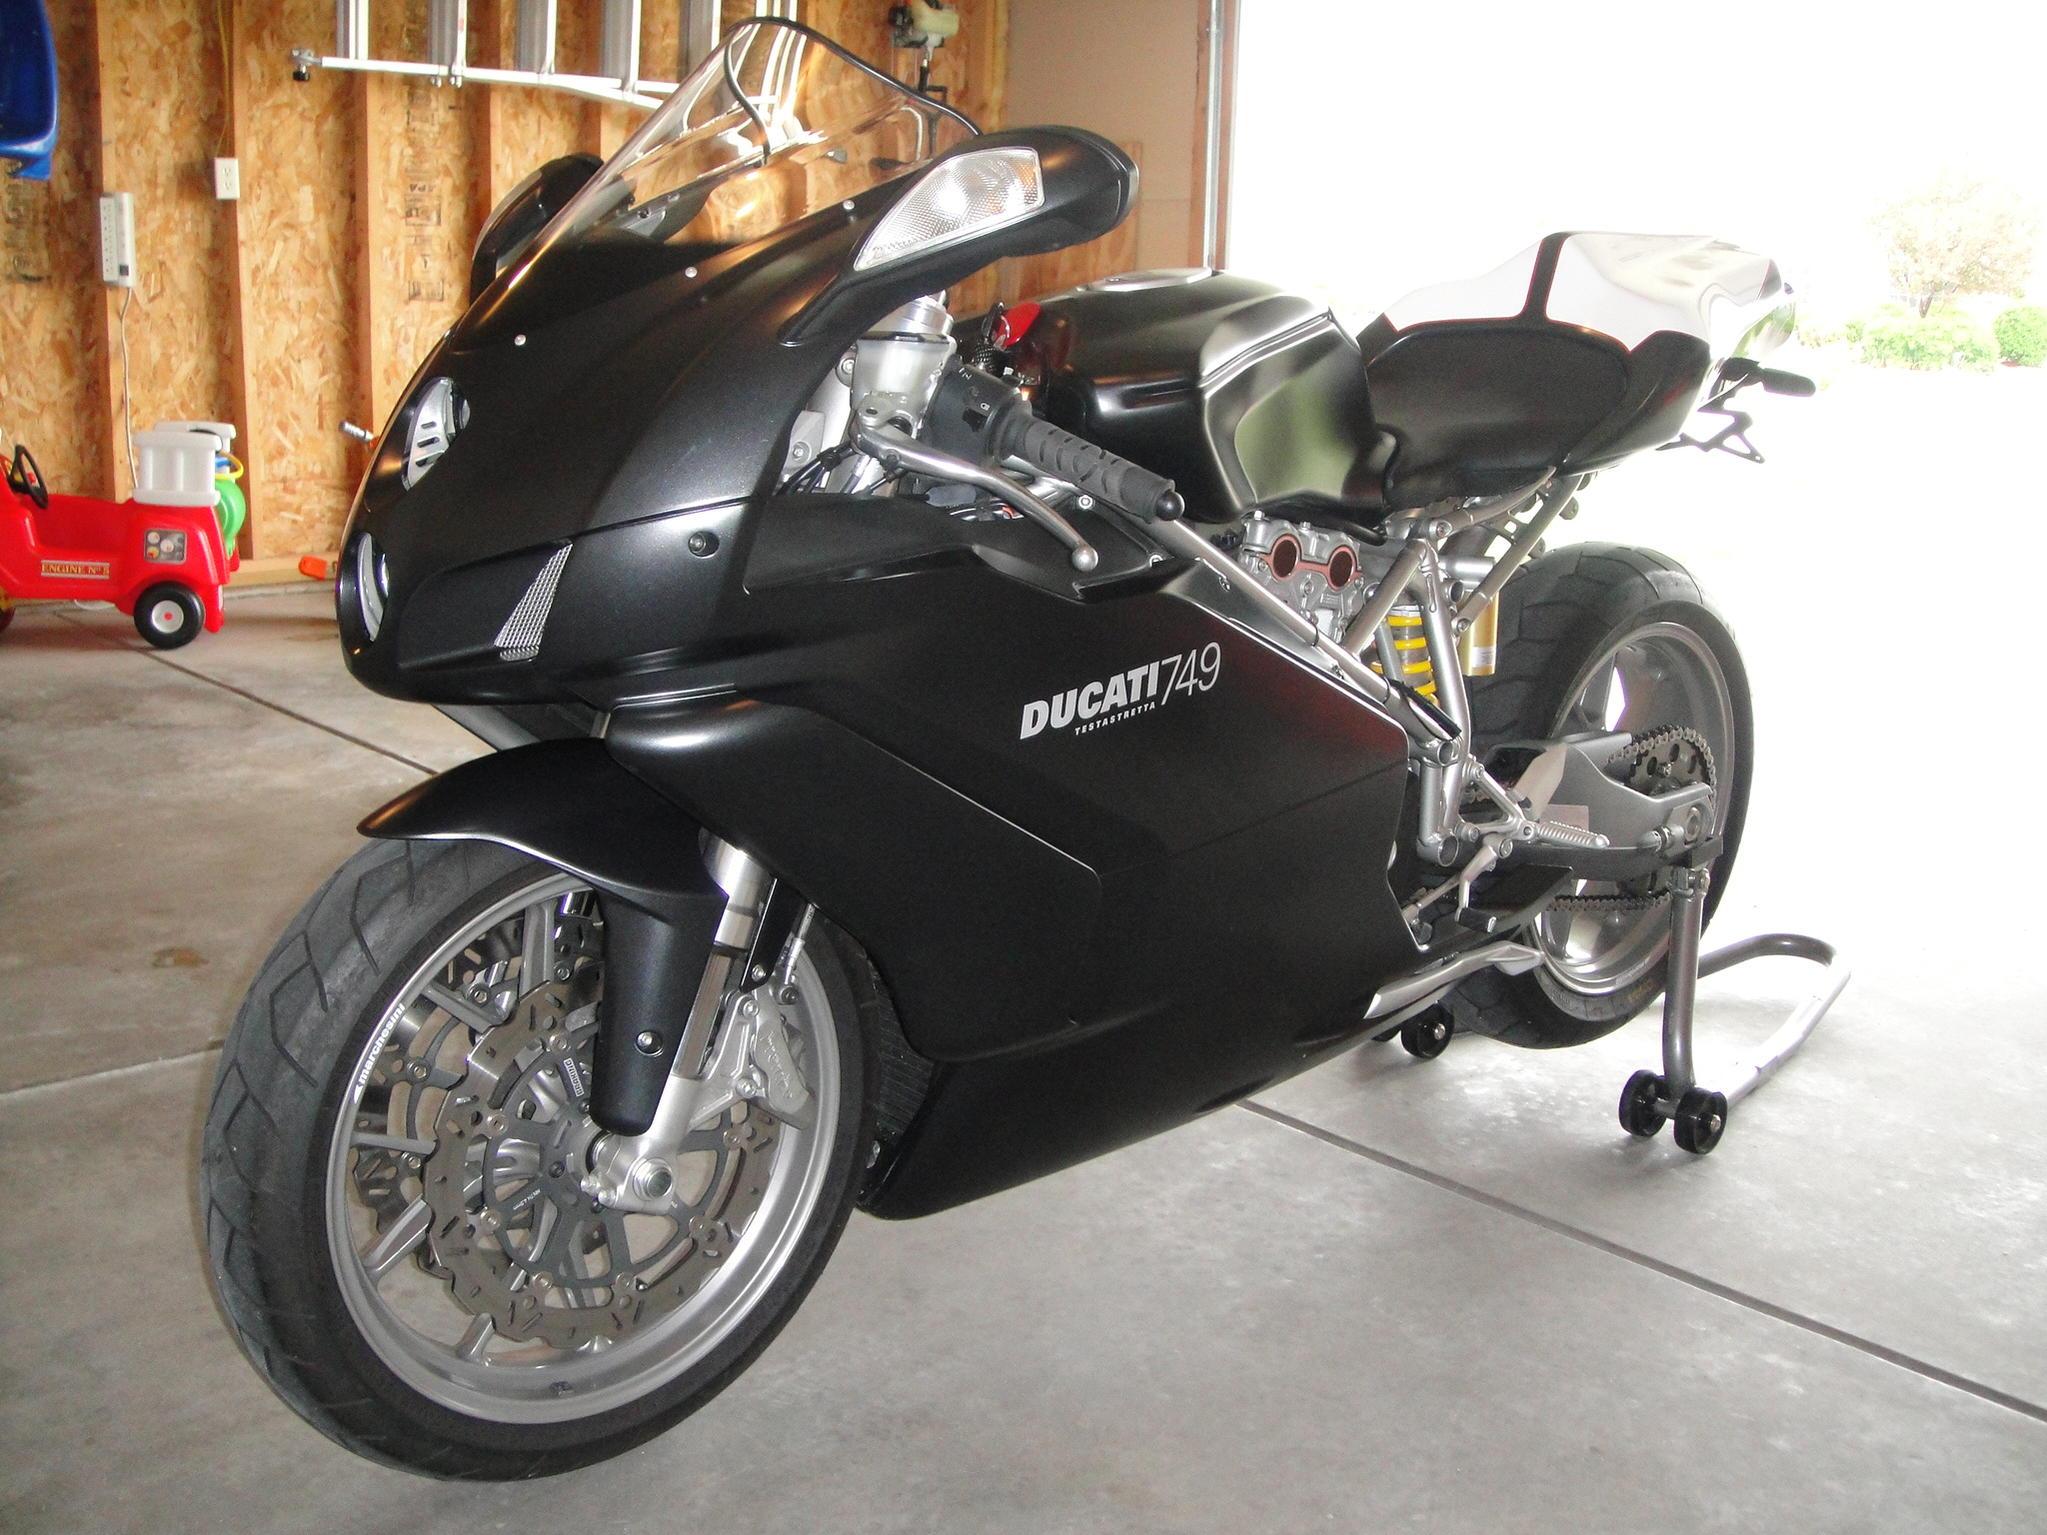 FS: 2005 Ducati 749 Dark - ducati.org forum | the home for ducati ...